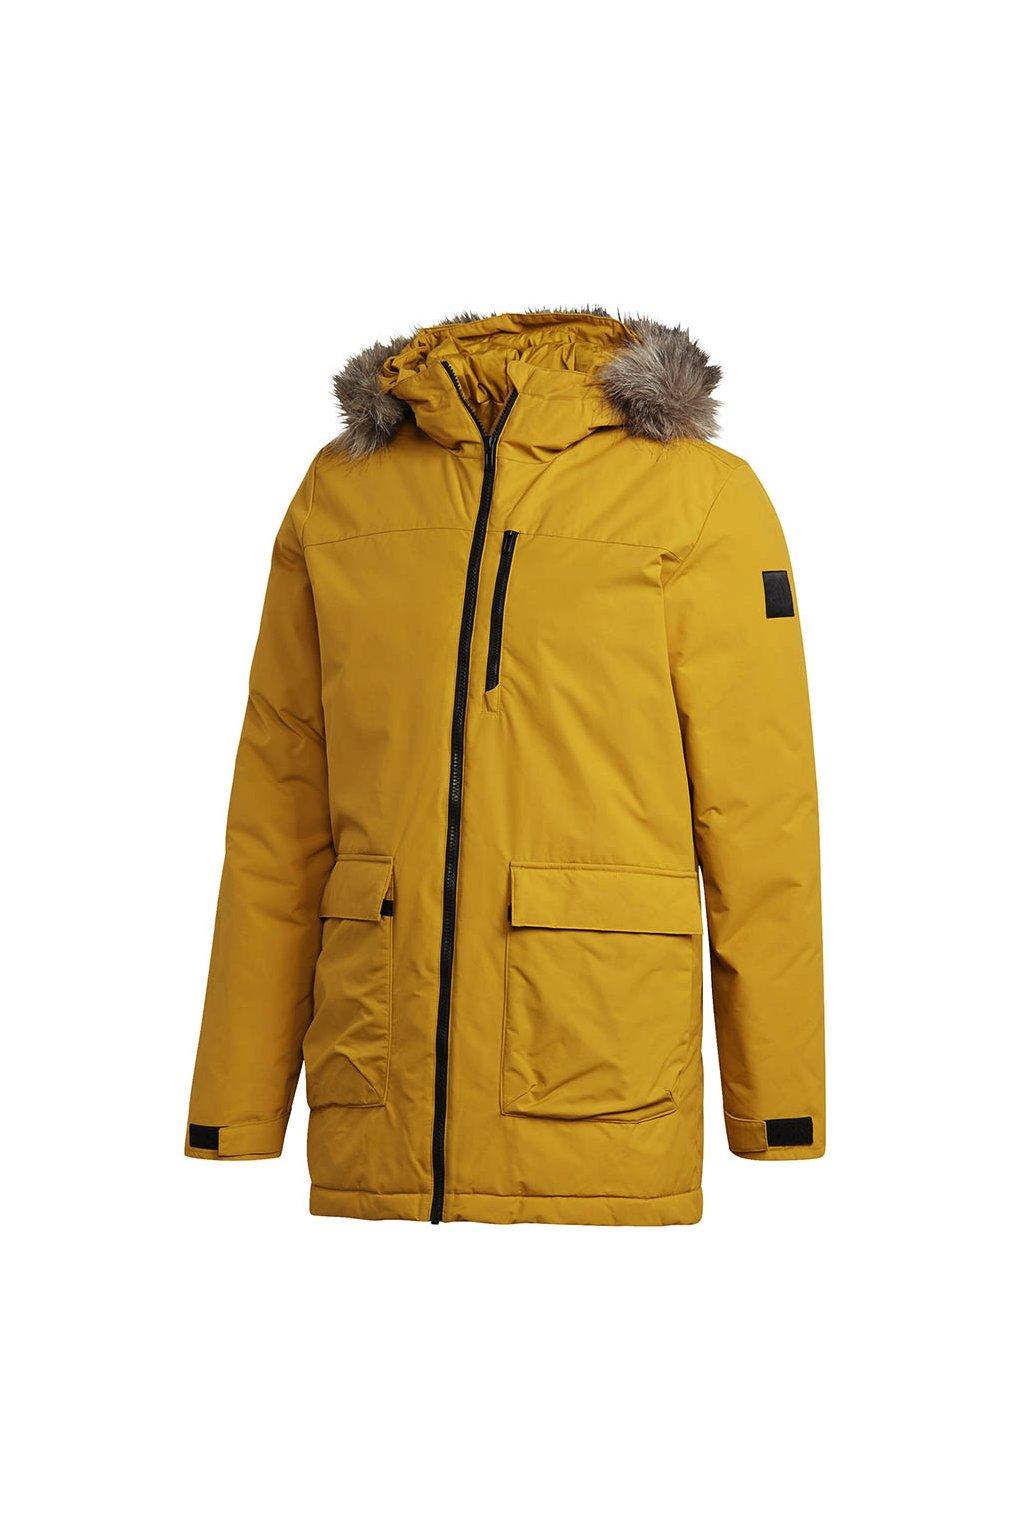 Pánska bunda Adidas Xploric Parka žltá GK3551